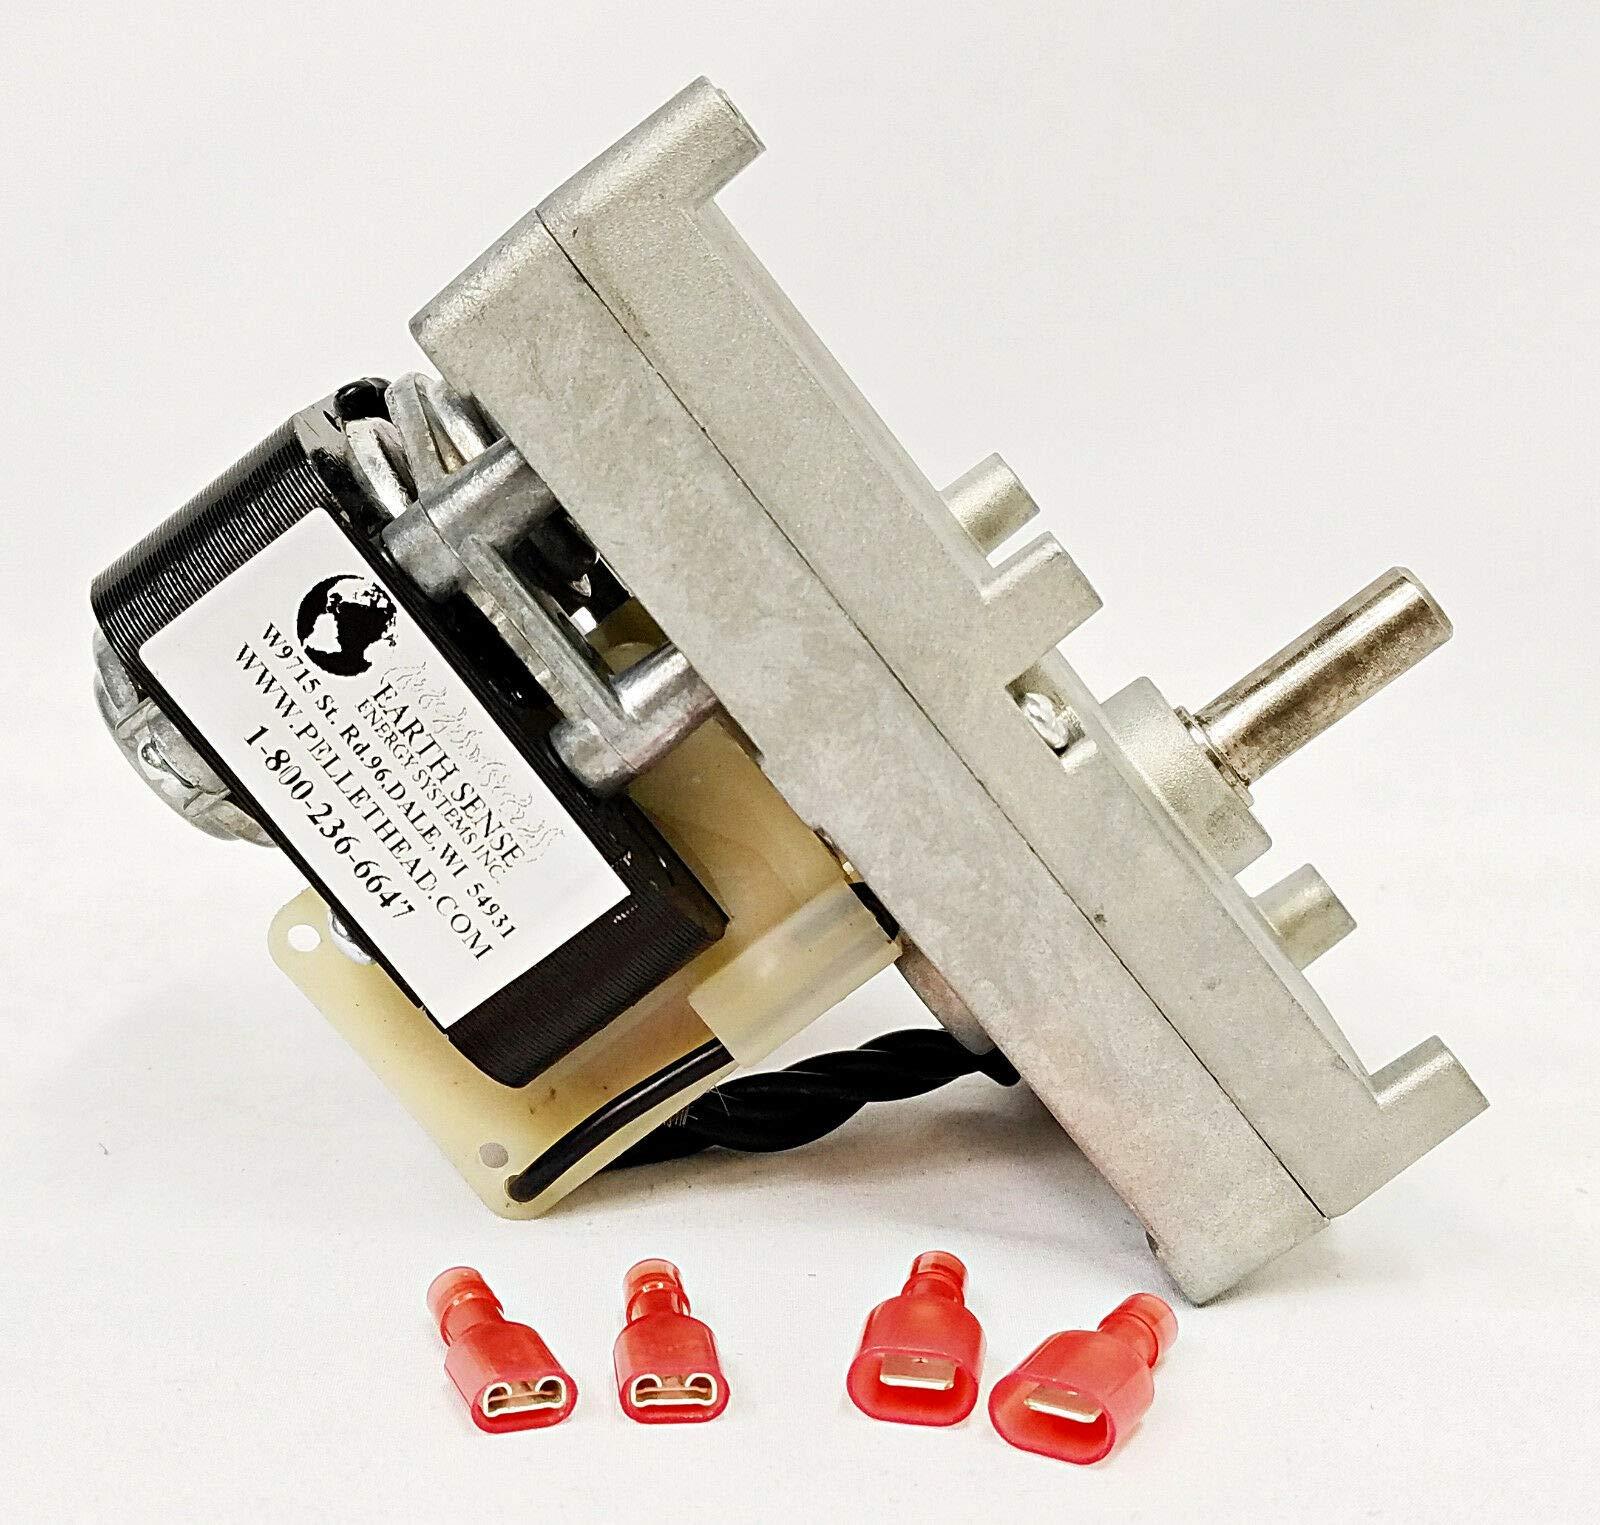 Englander Auger Motor 25-PDVP, 55-SHP10, 55-SHP10L, 55-SHP20 PU-047040, PH-CCW1 + FREE E-BOOK (FREEZING)